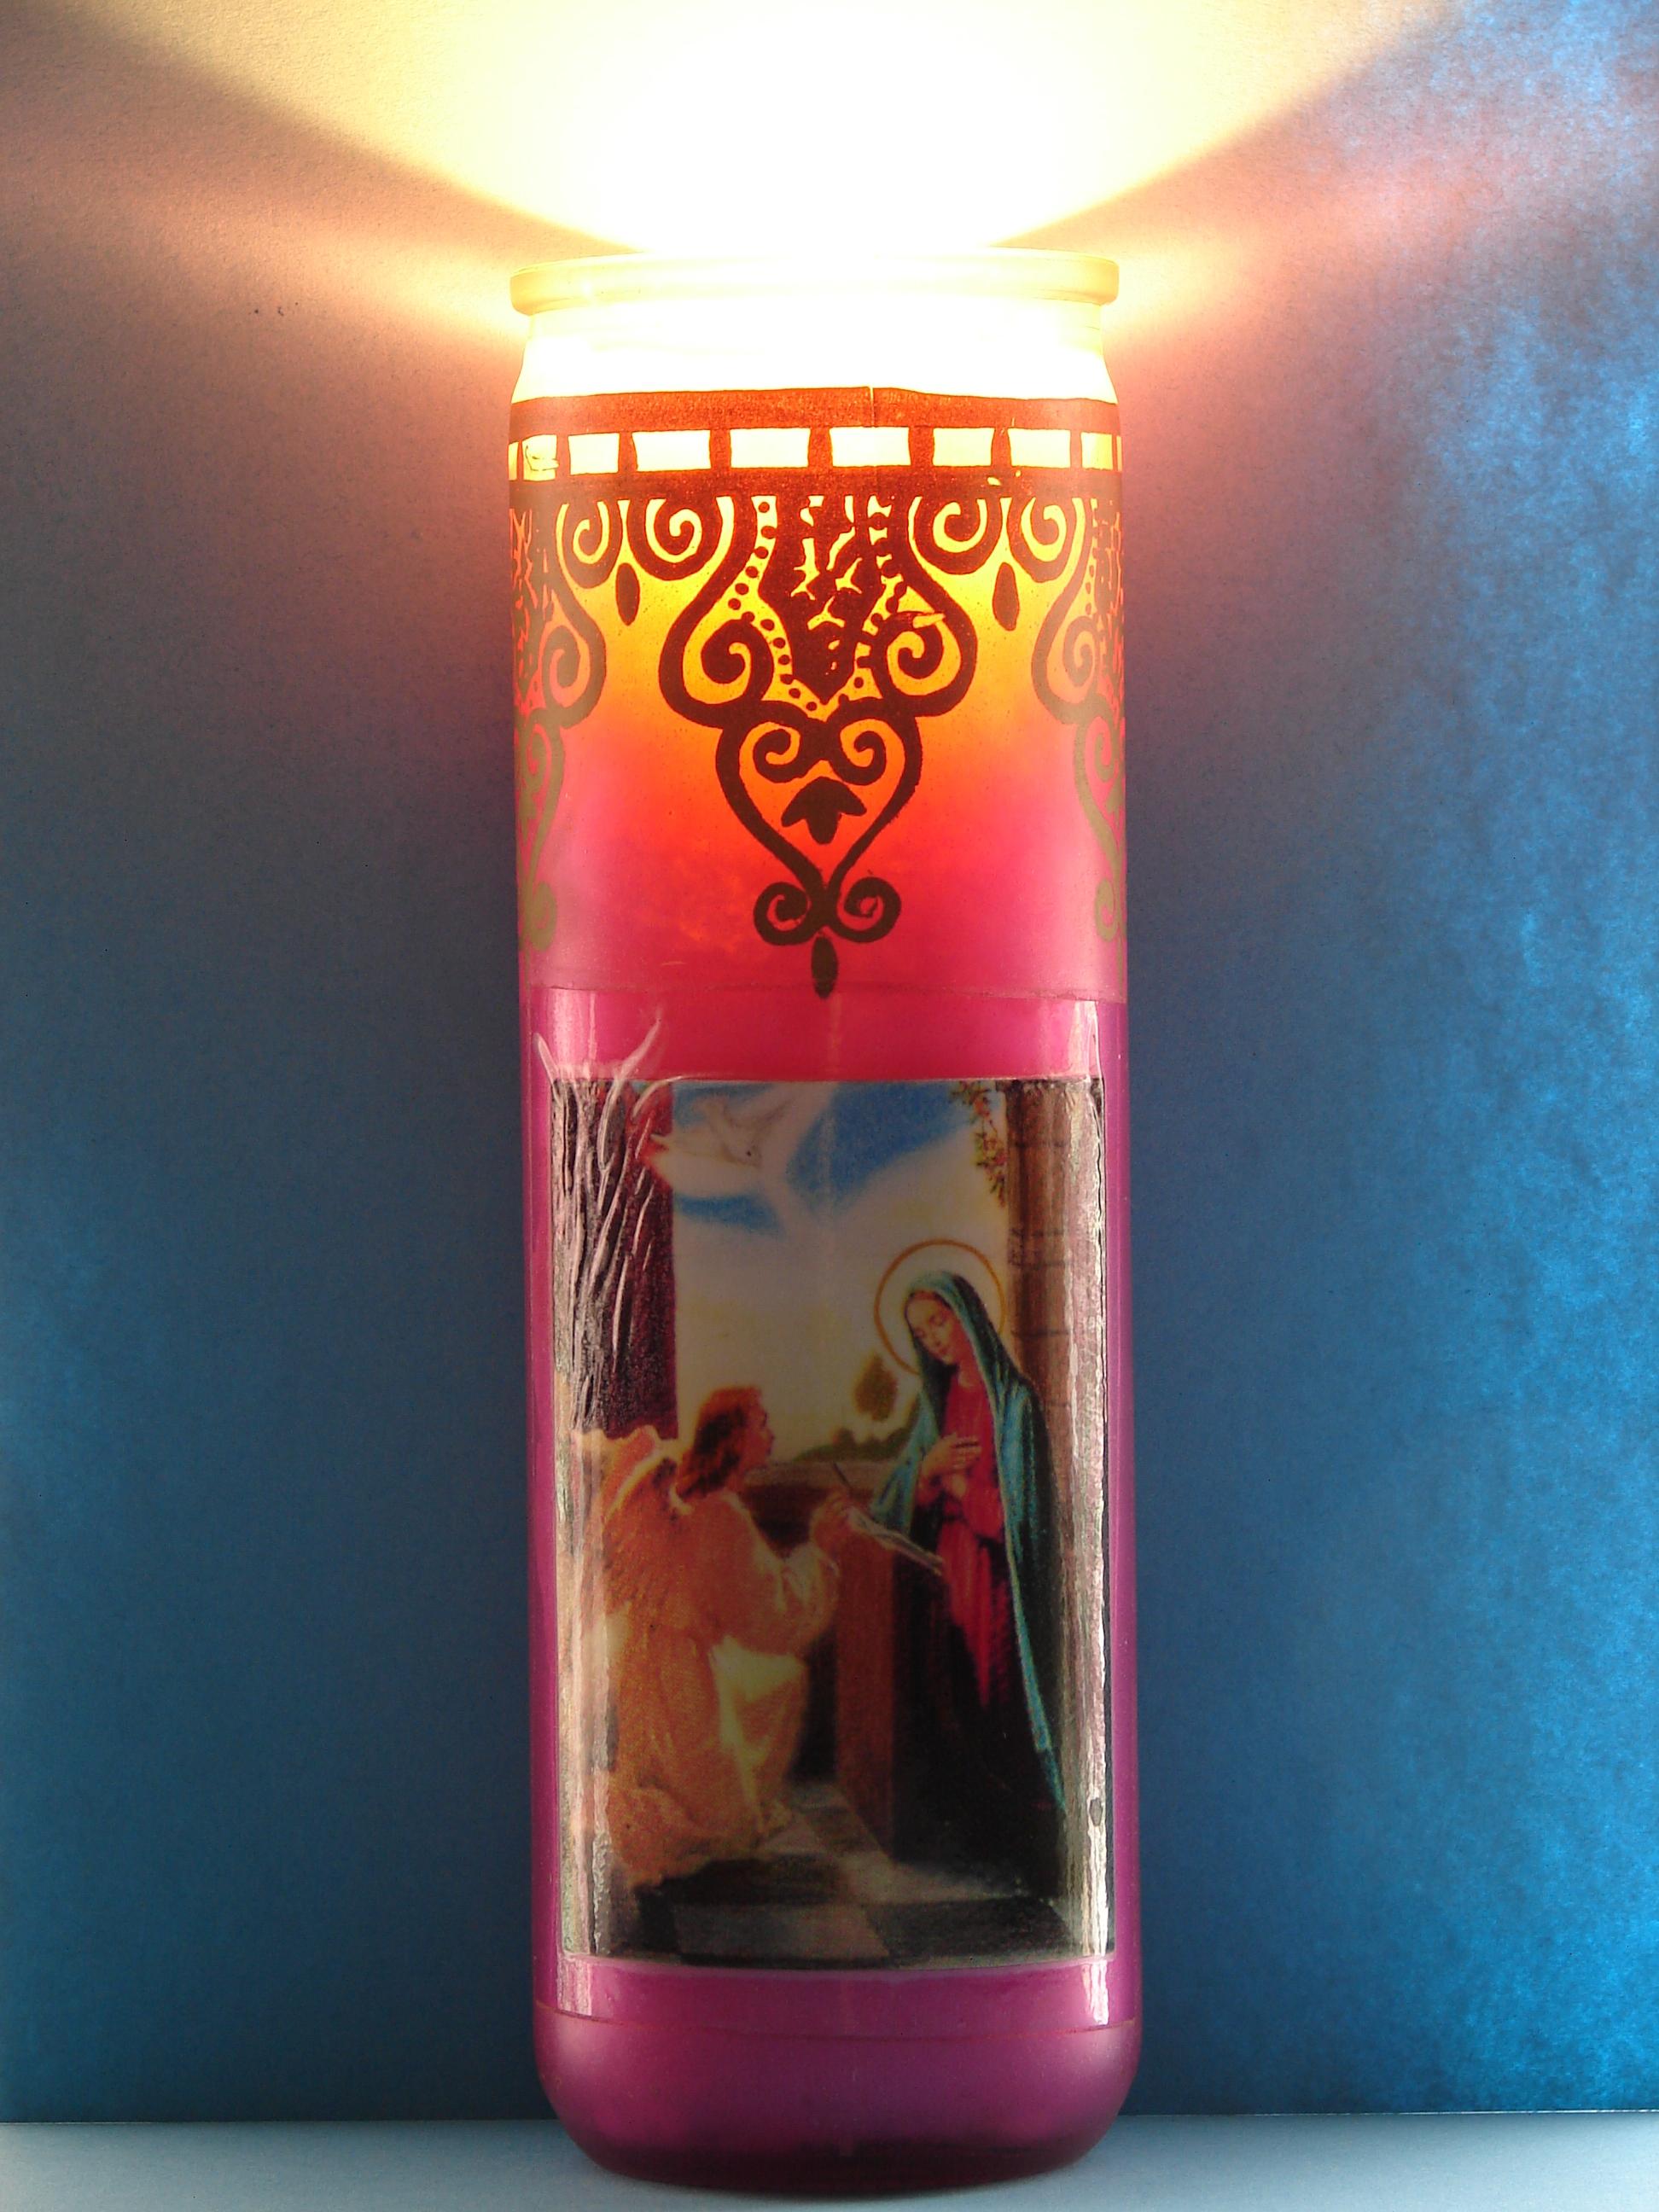 Le Rosaire en Images - Page 3 Cierge-allum-de-l...nciation-565f021